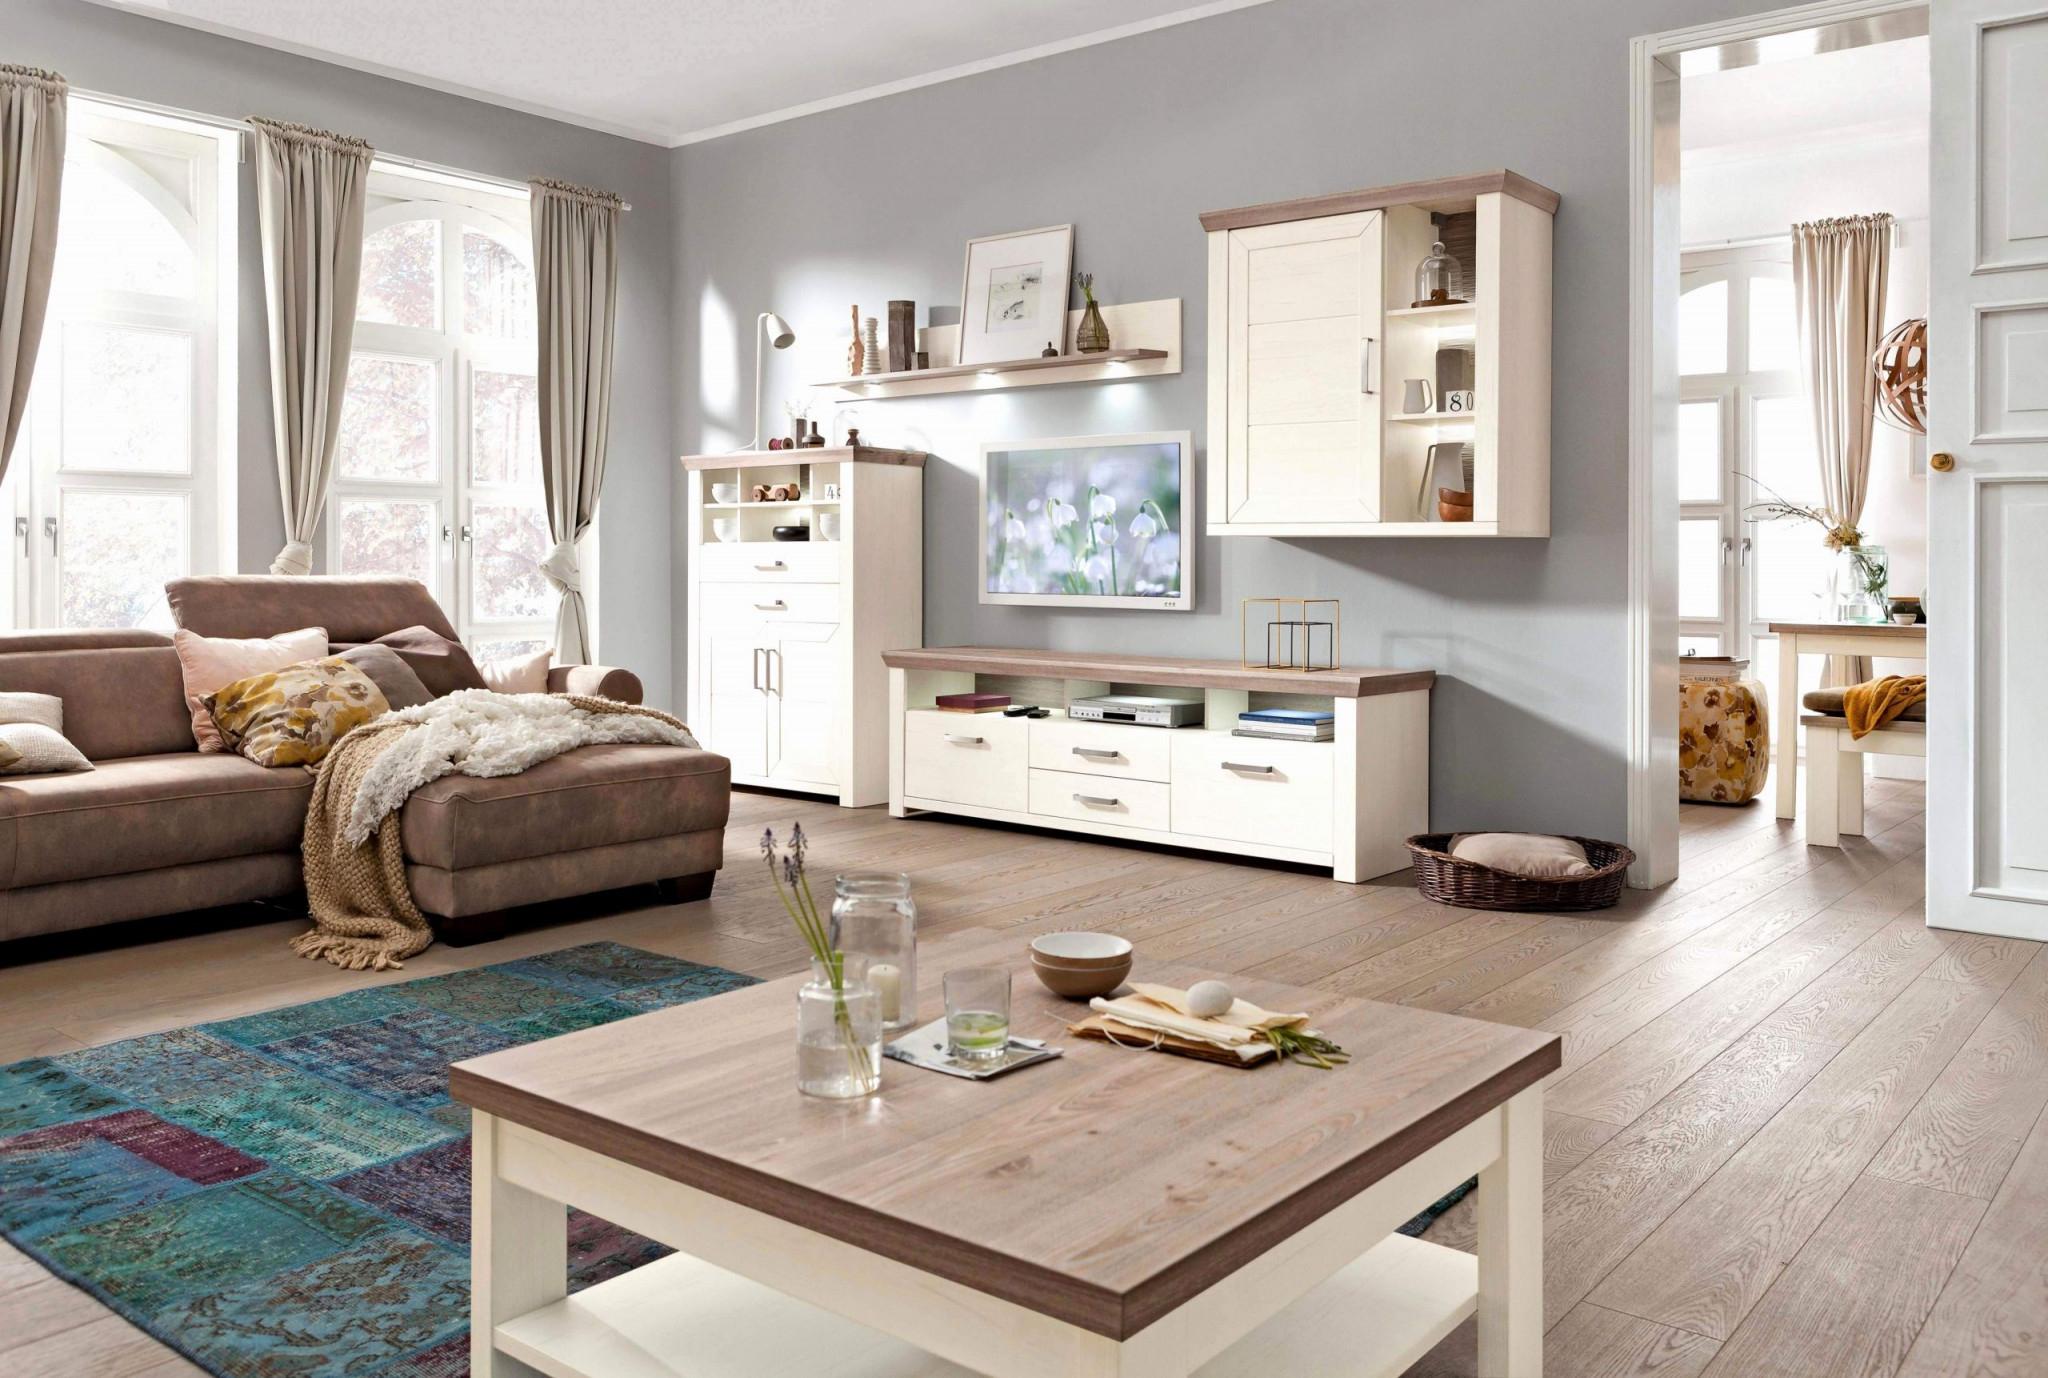 Wohnzimmer Landhausstil Gestalten Schön 25 Luxus Wohnzimmer von Wohnzimmer Im Landhausstil Bilder Bild